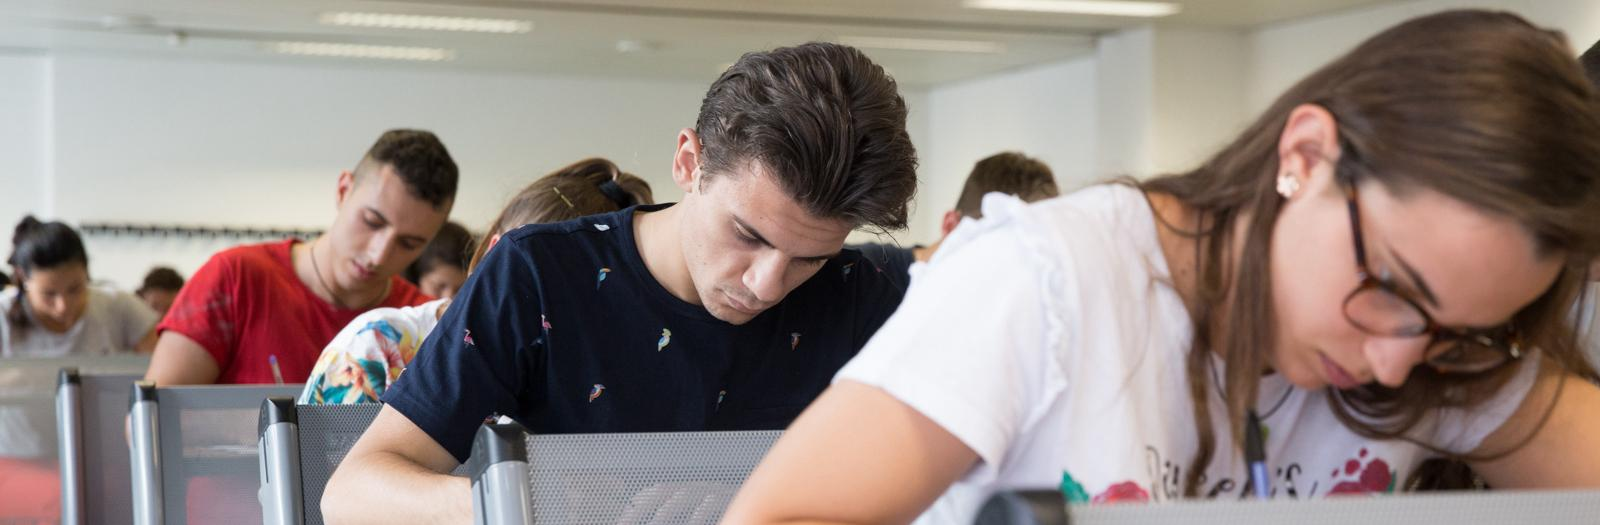 Studenti frequentanti una classe del Dipartimento di Scienze Economiche